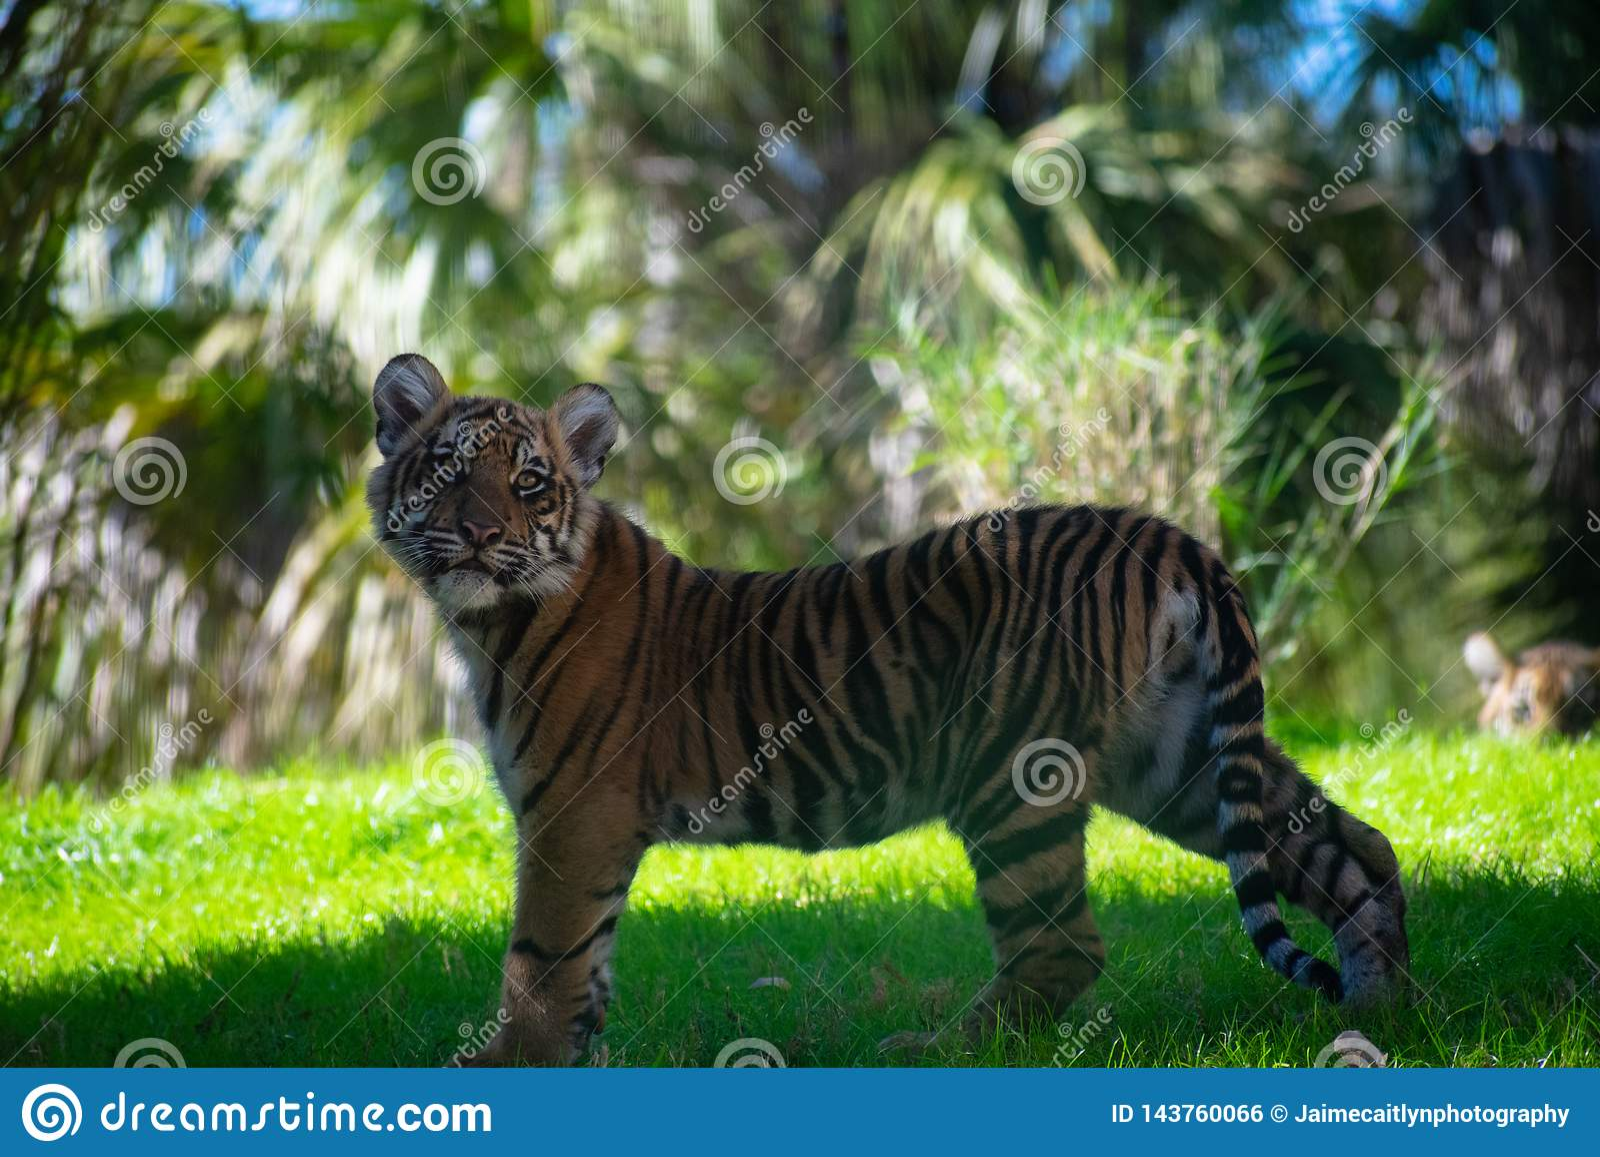 Tiger cub staring at me